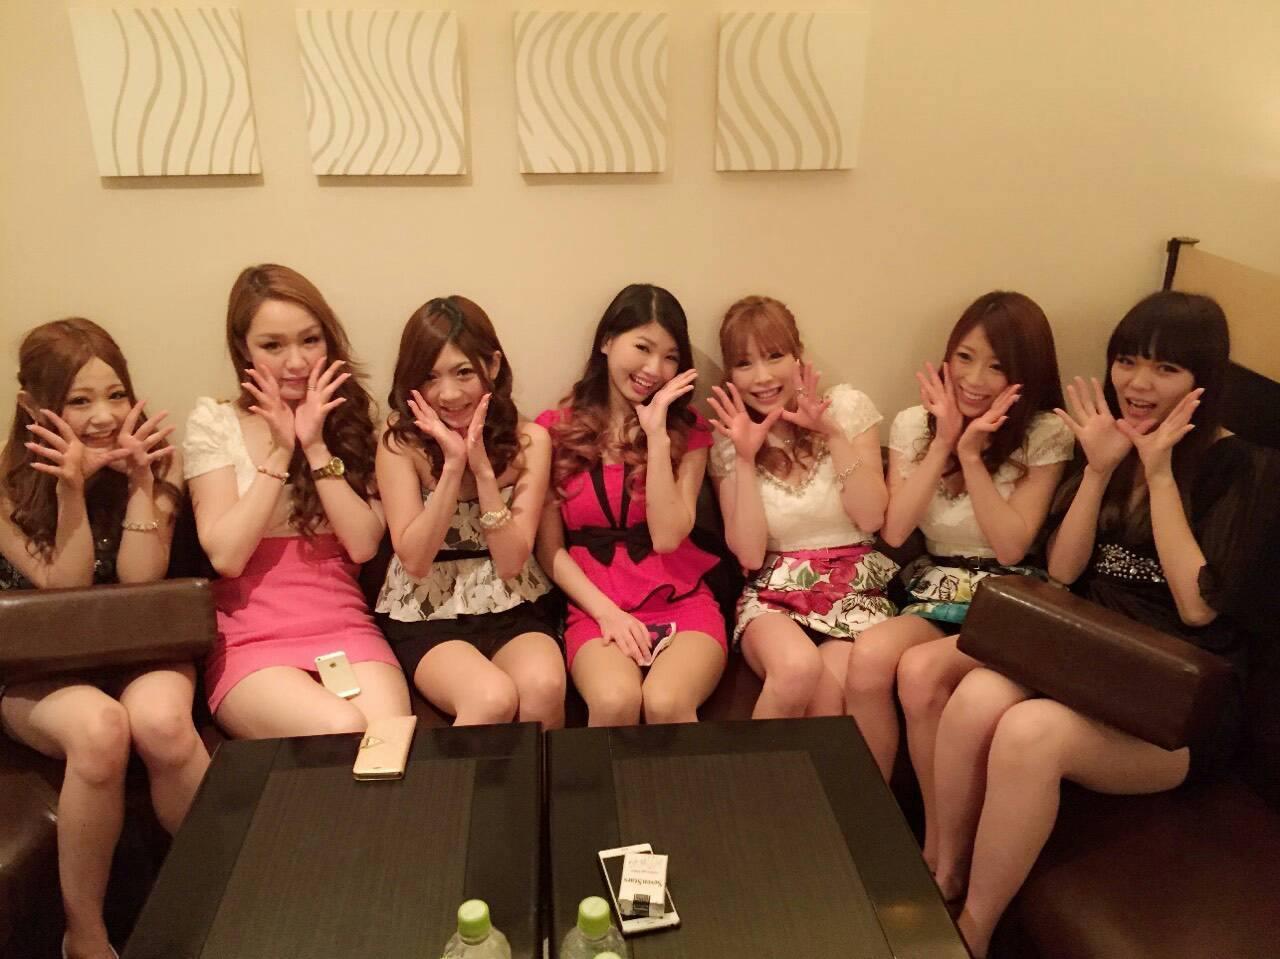 大分のクラブ(CLUB Figona)で働いている元AV女優のやまぐちりこ(元AKB48の中西里菜)とやまぐちりく